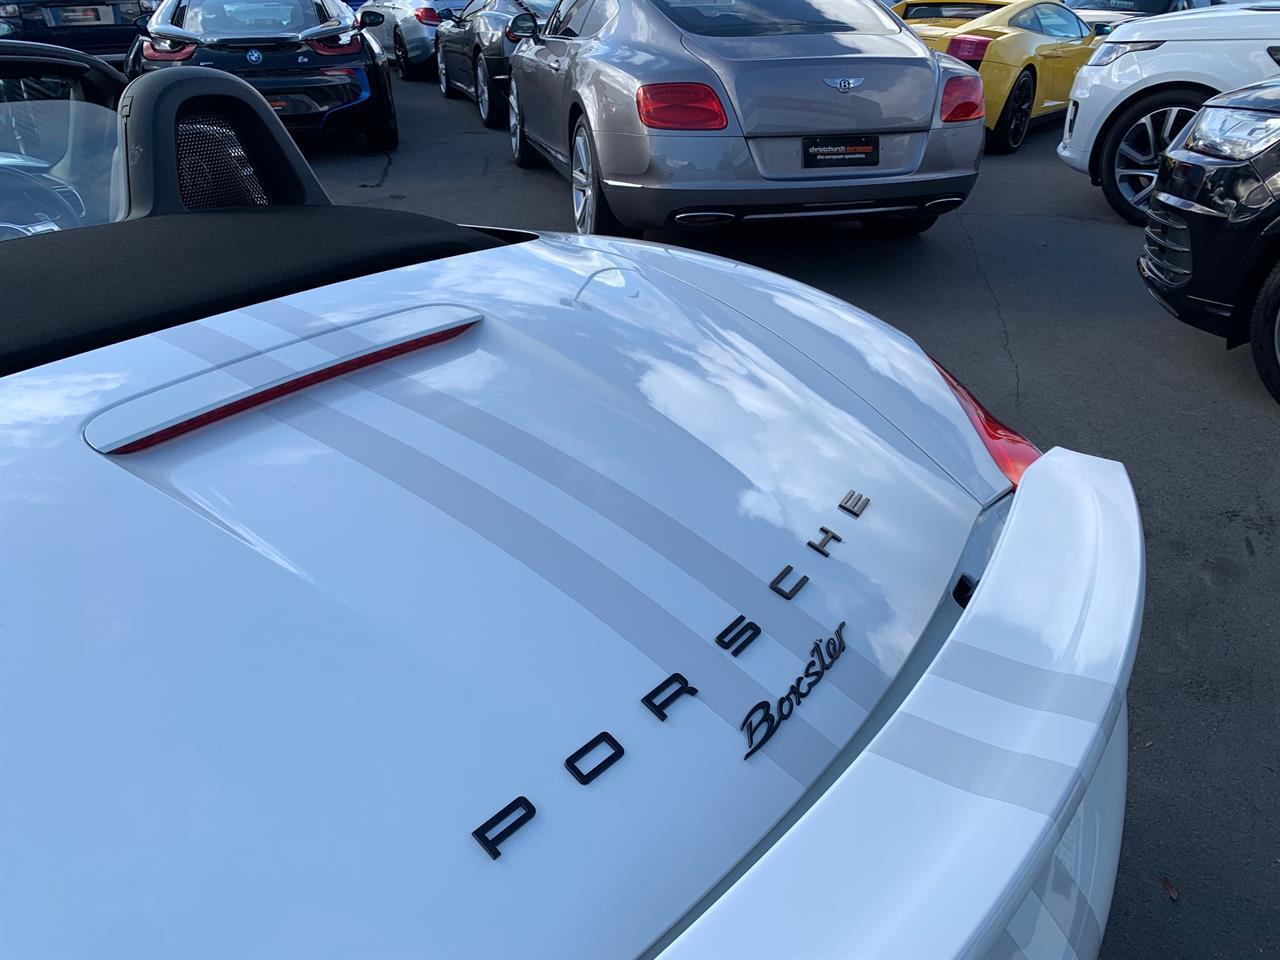 image-4, 2014 Porsche Boxster 981 PDK Convertible at Christchurch